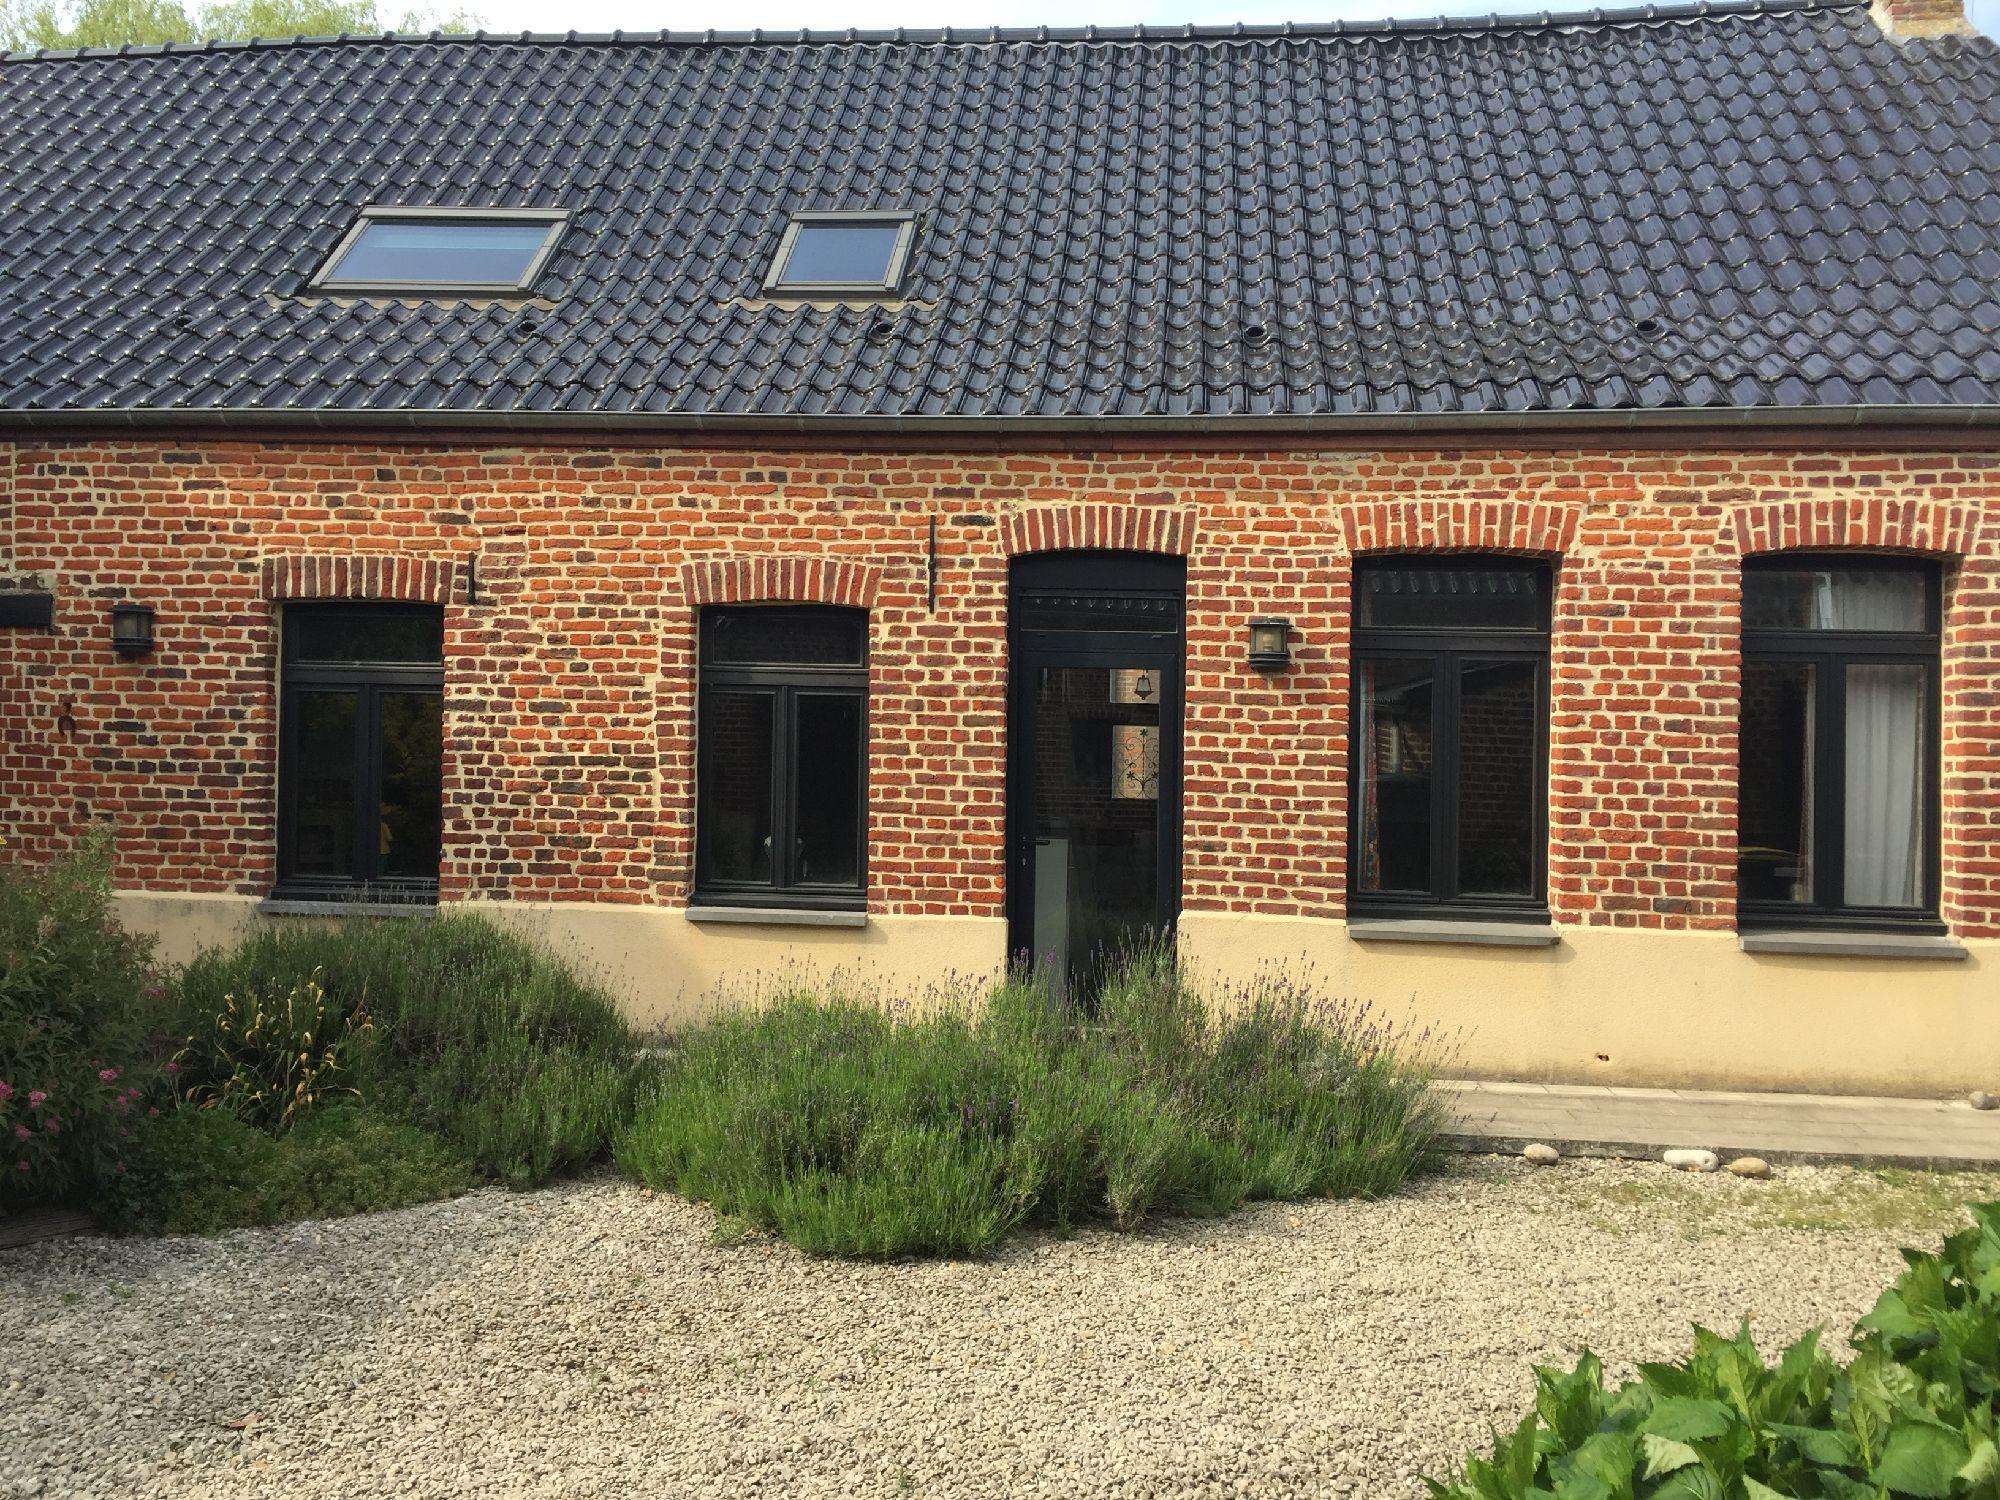 Vente maison lecelles prix 426 000 hni ref for Budget construction maison 200 000 euros